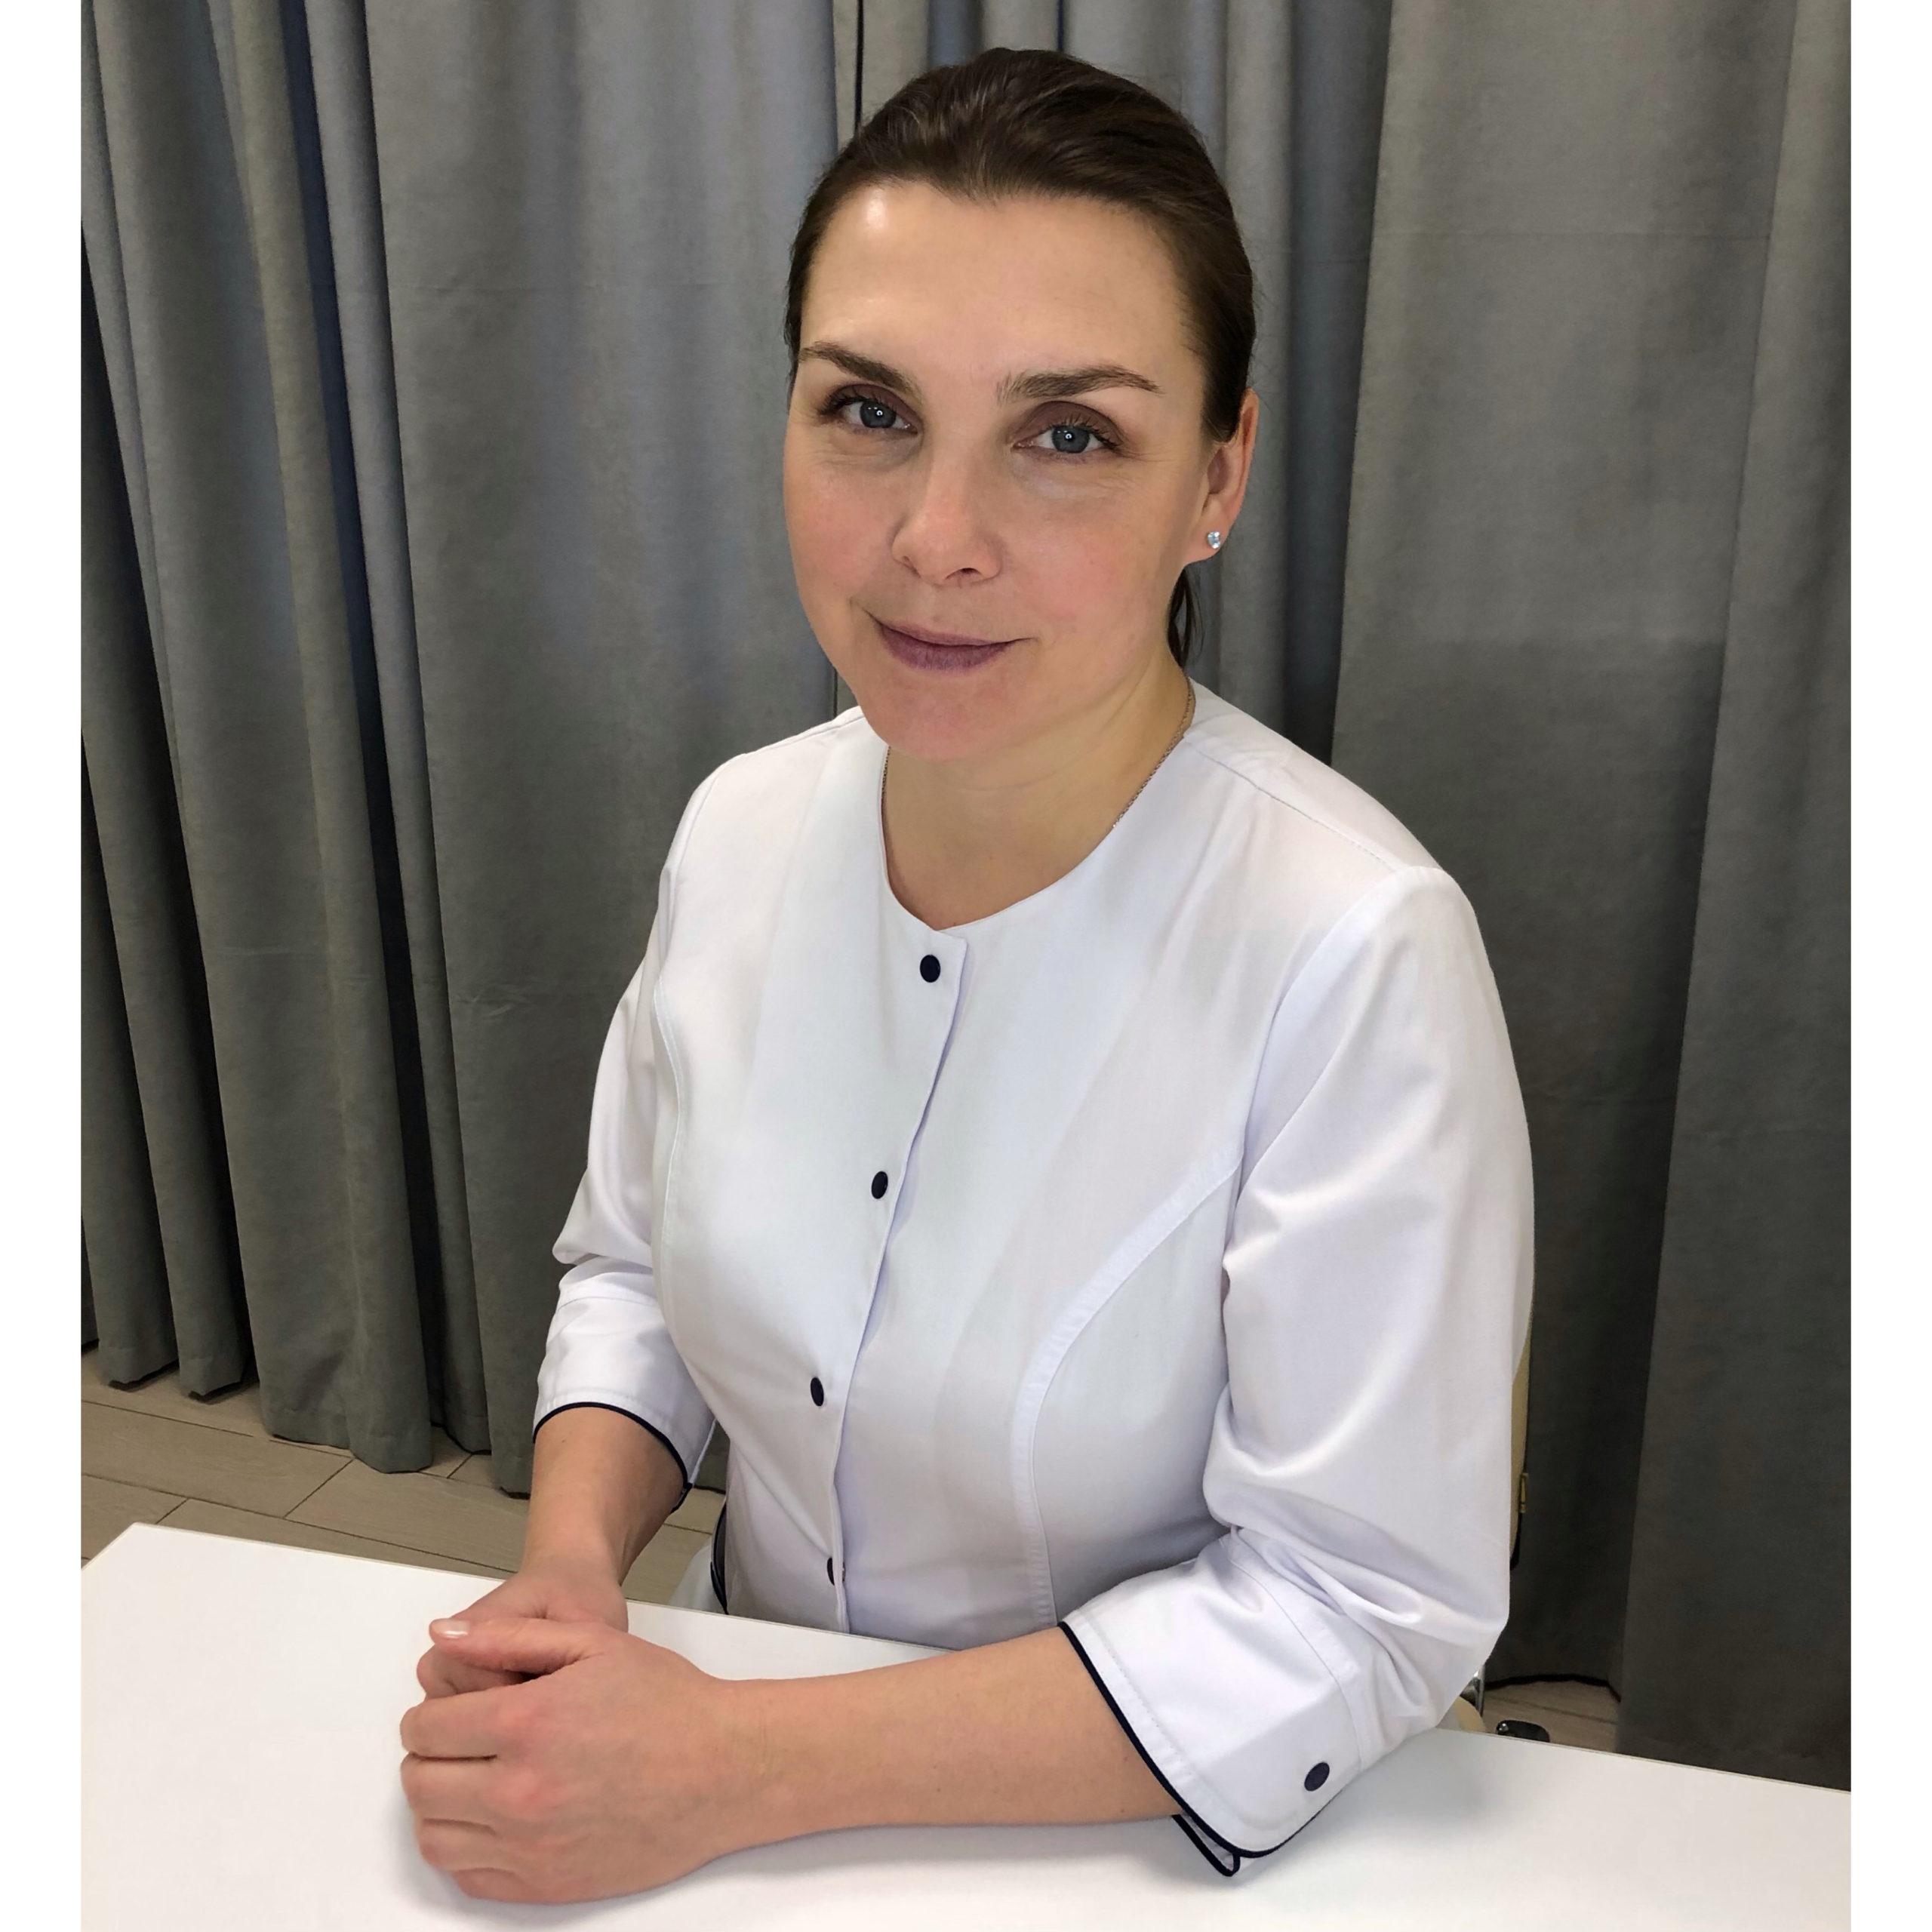 Амирова Мария Гаджиевна